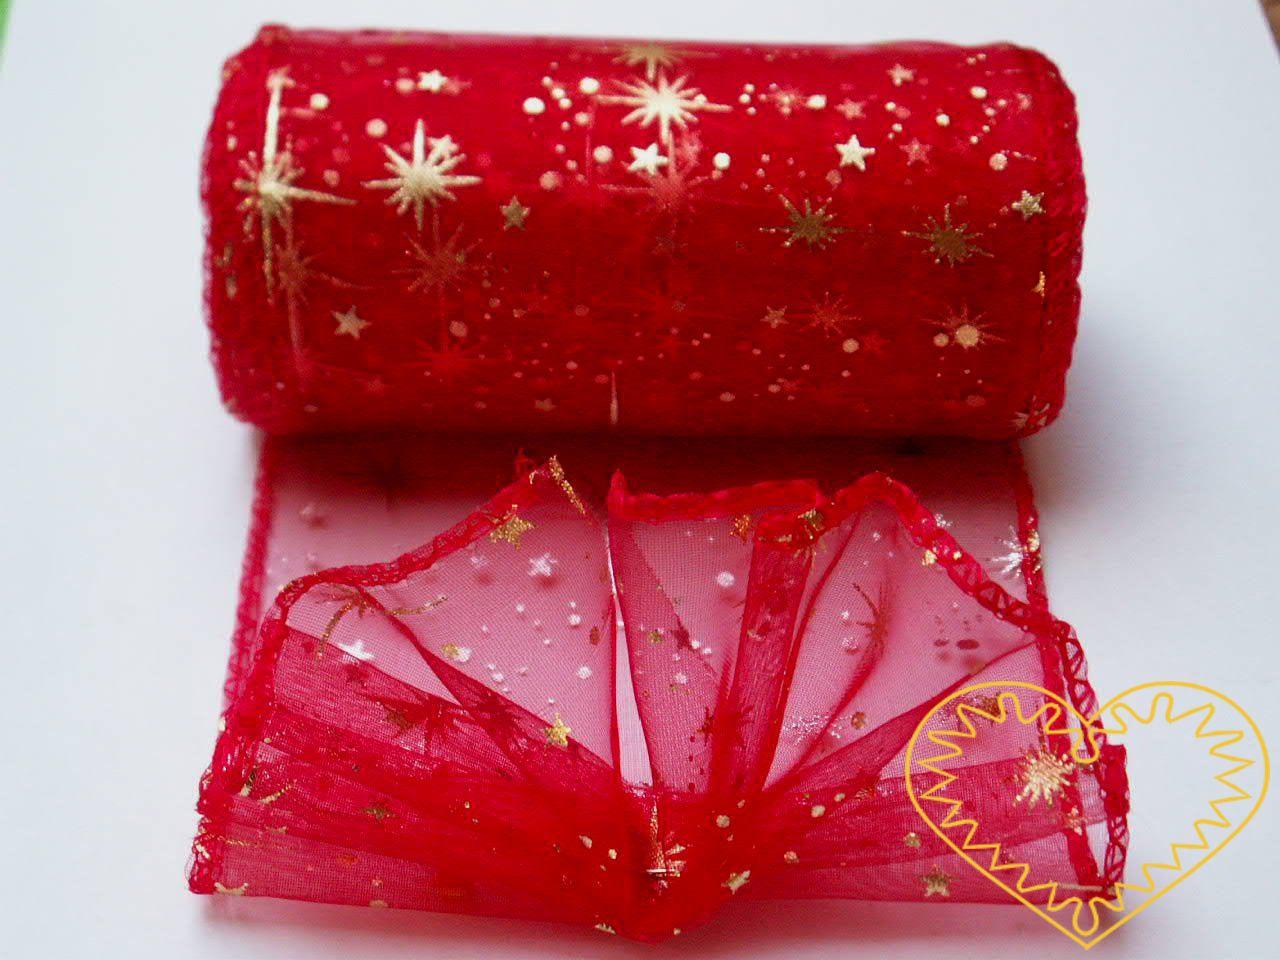 Organza červená se zlatými hvězdičkam - šíře 10 cm, délka 9,14 m, z obou stran obroubená. Organza má široké využítí - k dekoračním účelům, k šití, do květinových aranžmá, pro výzdobu slavnostní tabule, k balení dárků, jako mašle, na výrobu broží i da